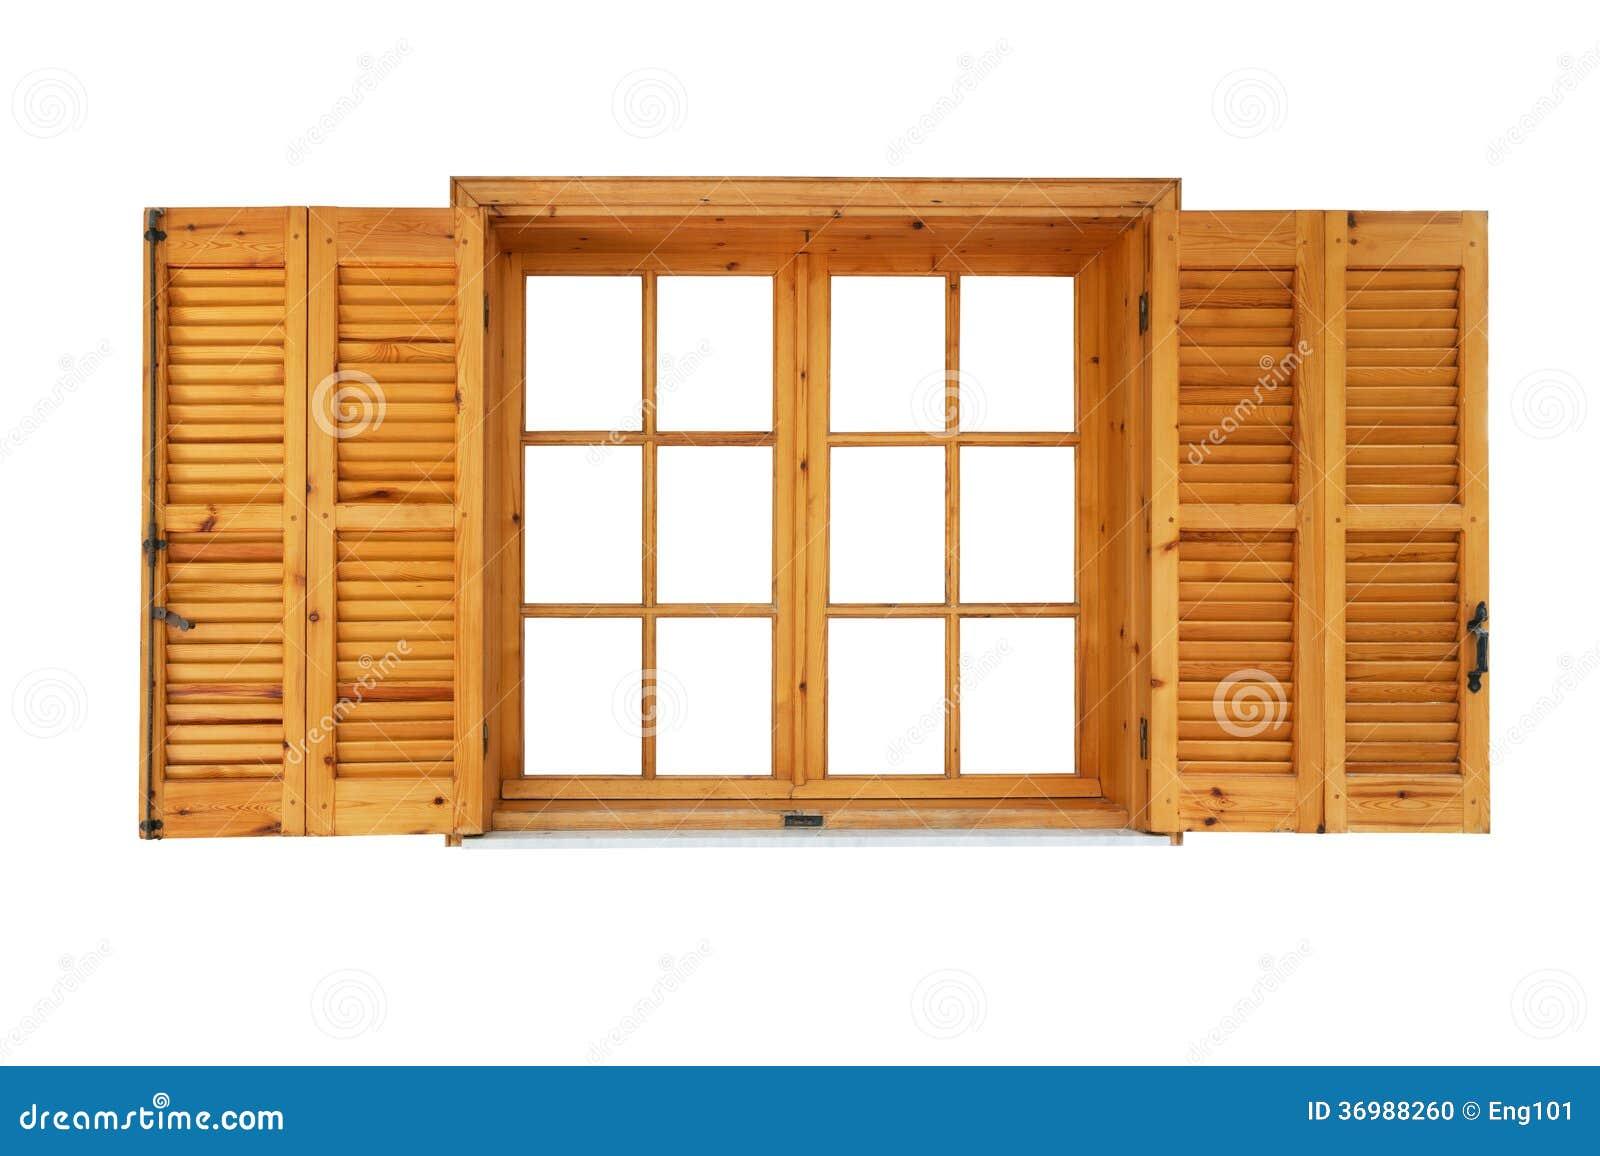 Fabricant fenetre alu morbihan cout des travaux for Fabricant de fenetre bois